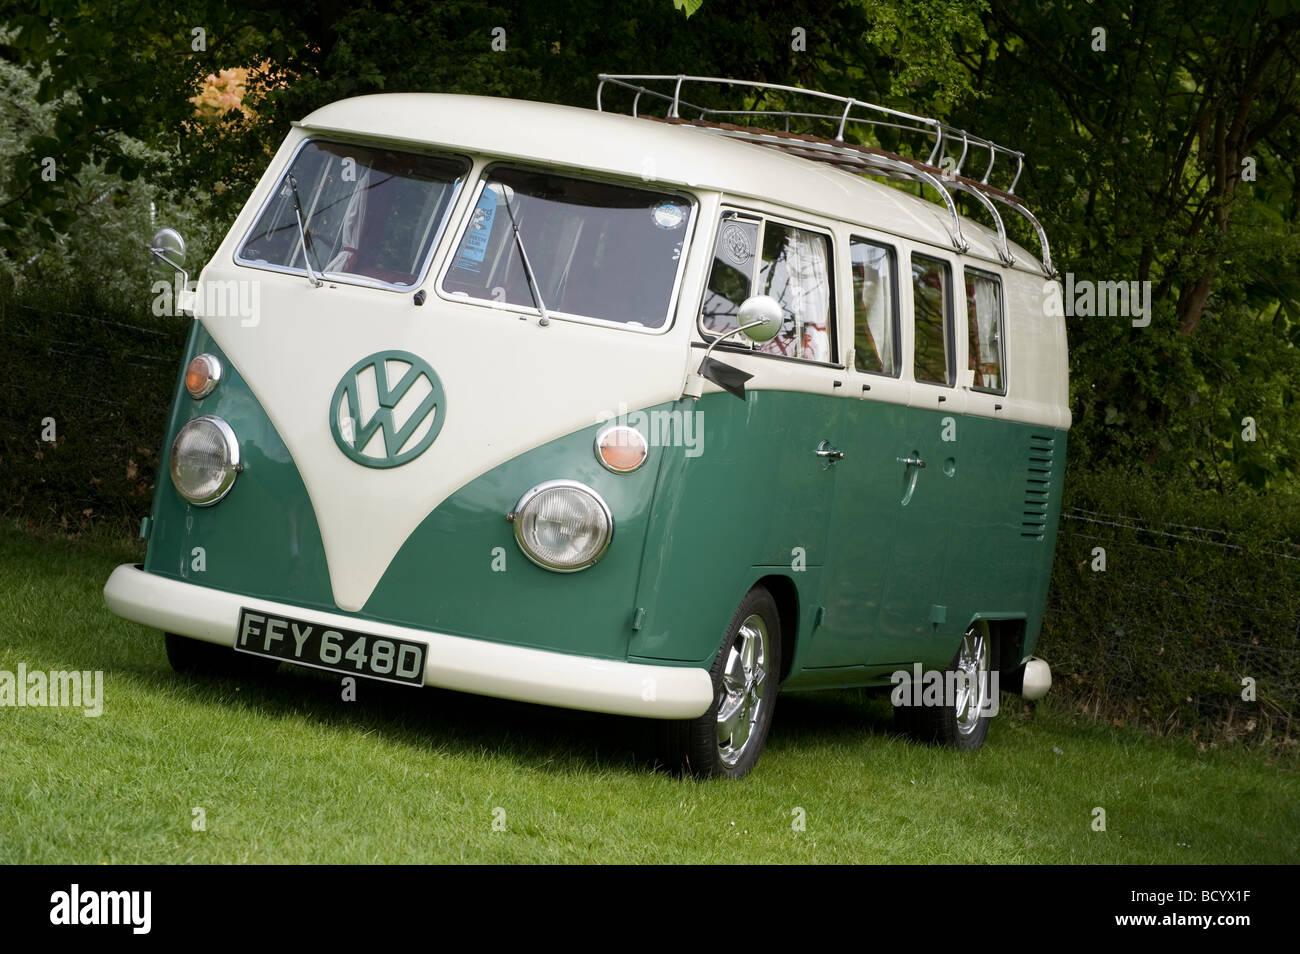 White And Green Volkswagen Split Screen Camper Van